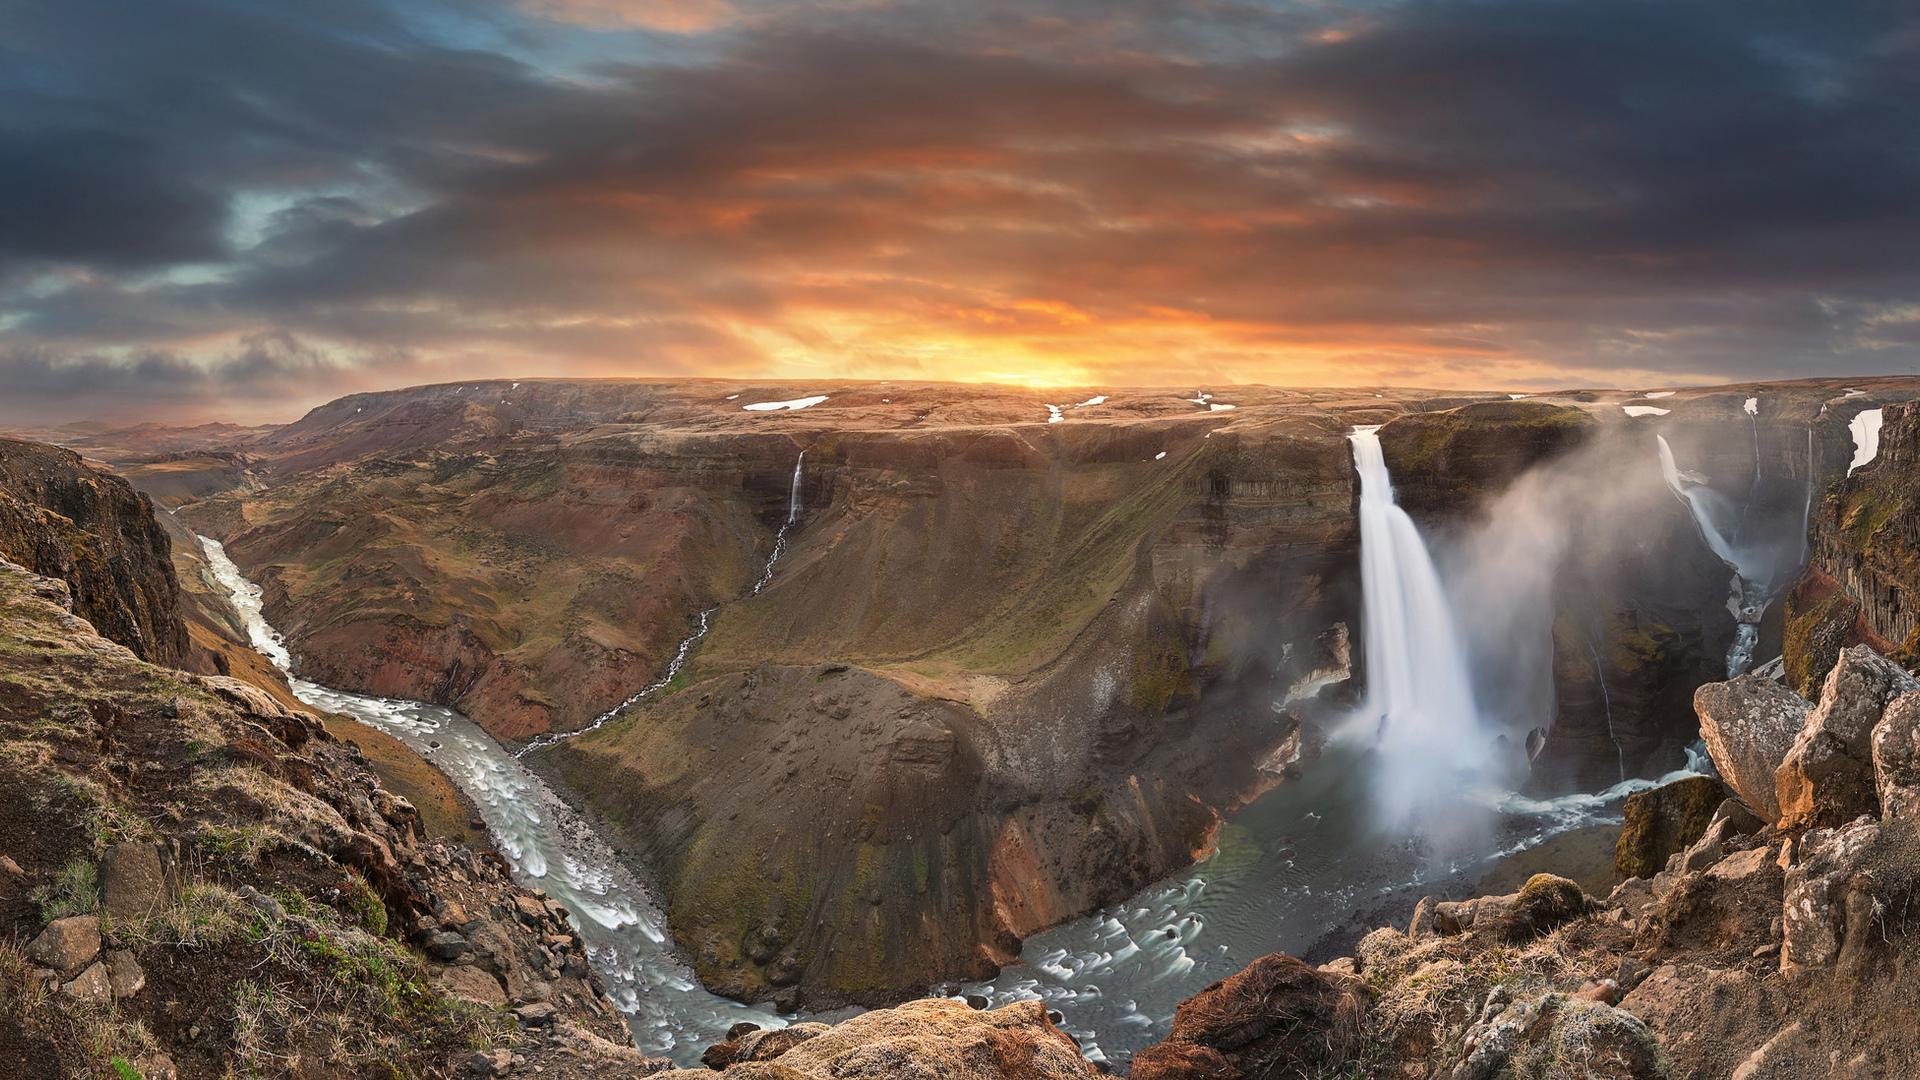 картинка на рабочий стол горы с водопадом десяти лет